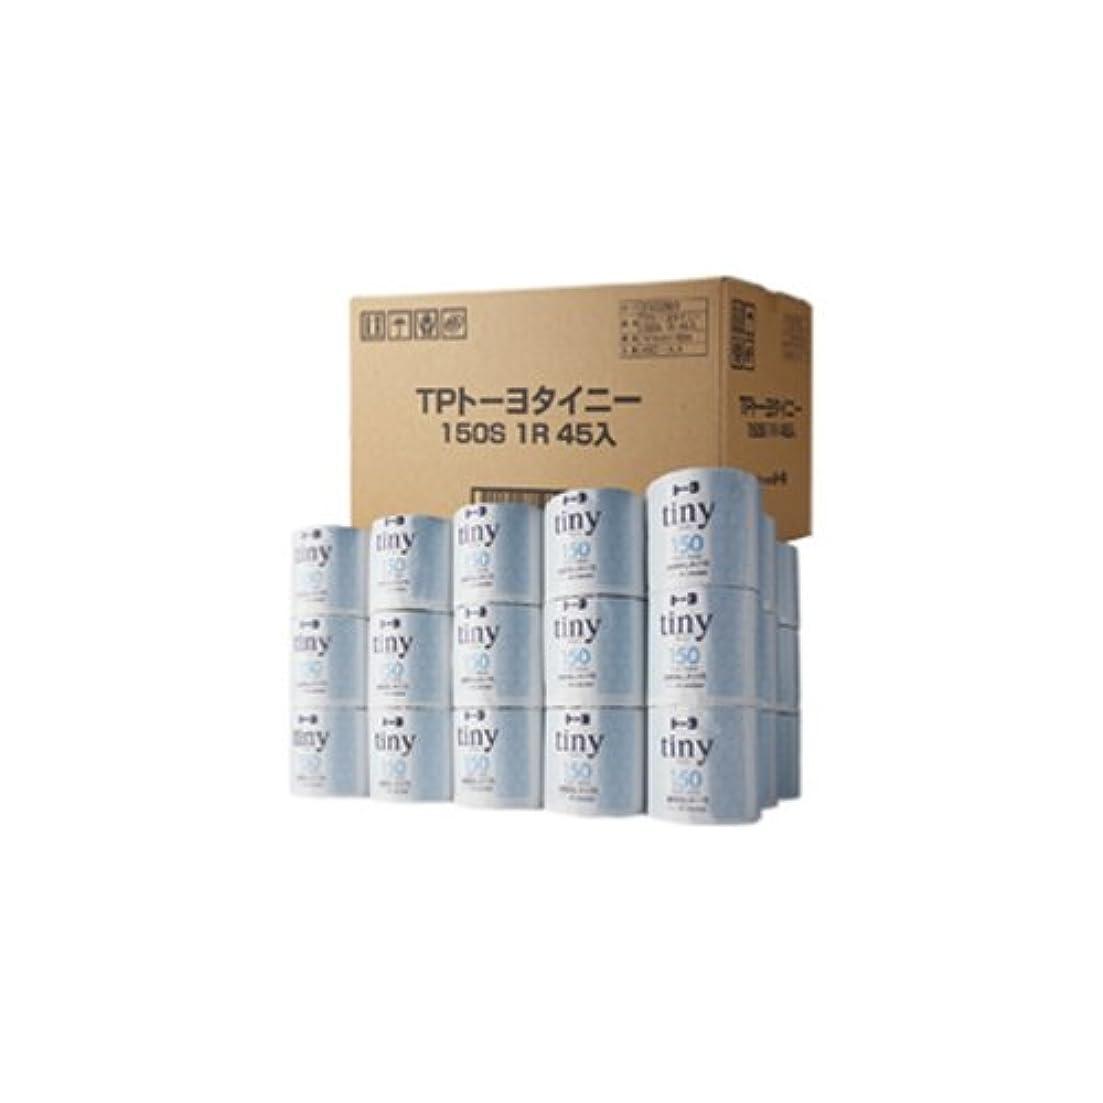 最後に蒸留する盗賊タイニー業務用 トイレットペーパー 個包装 150m 45ロール/箱